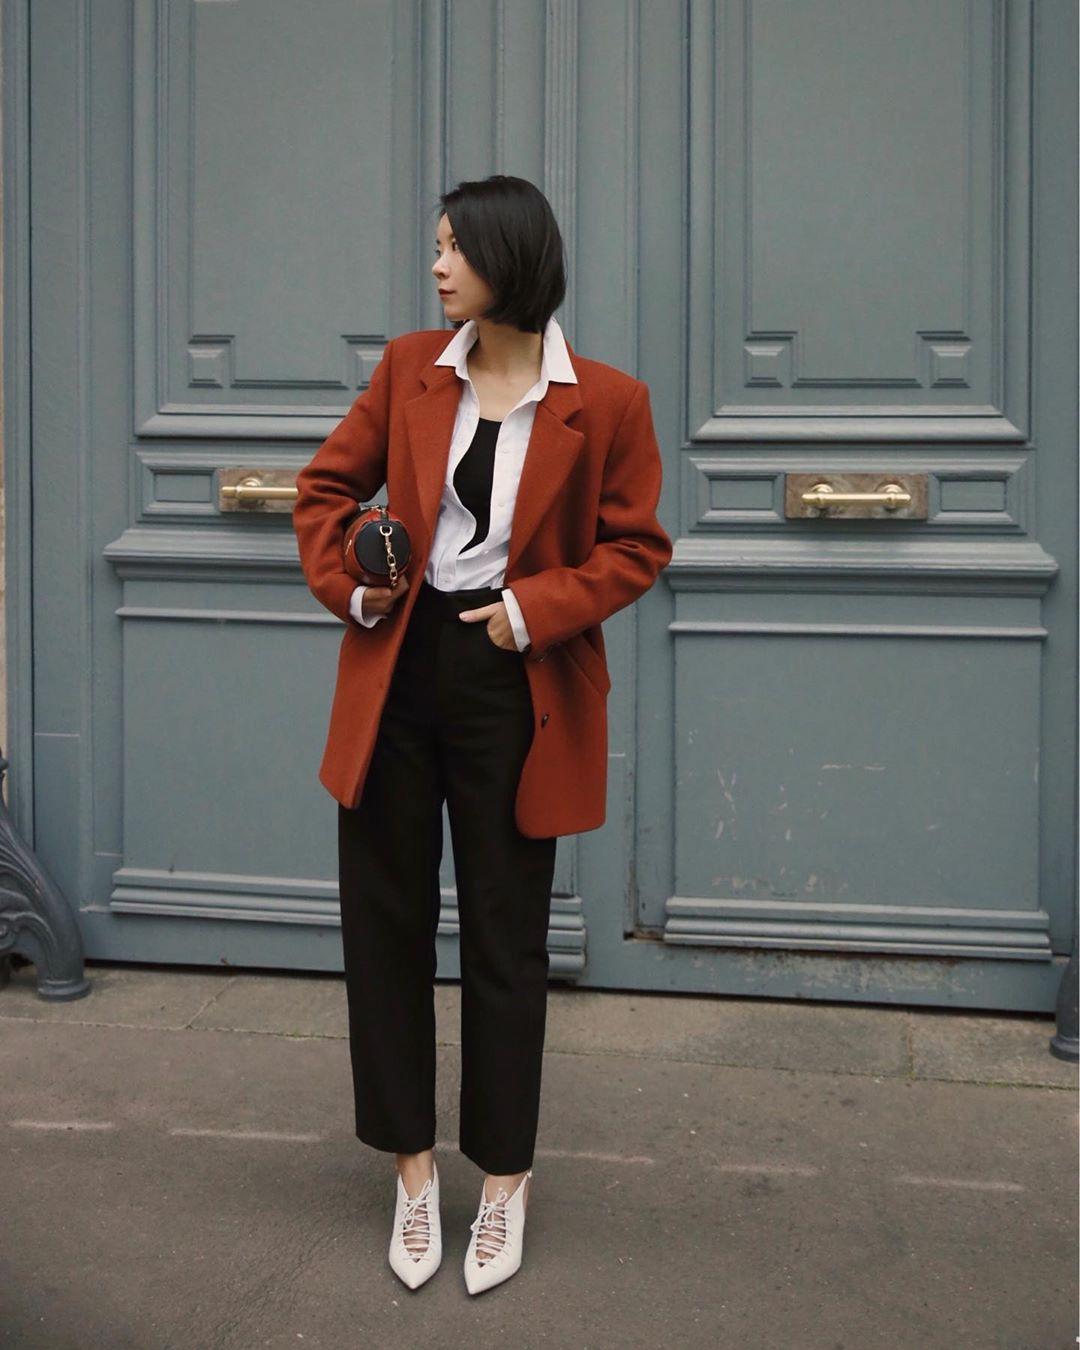 áo blazer phối cùng áo sơ mi cùng quần đen nghệ thuật phối đồ blazer